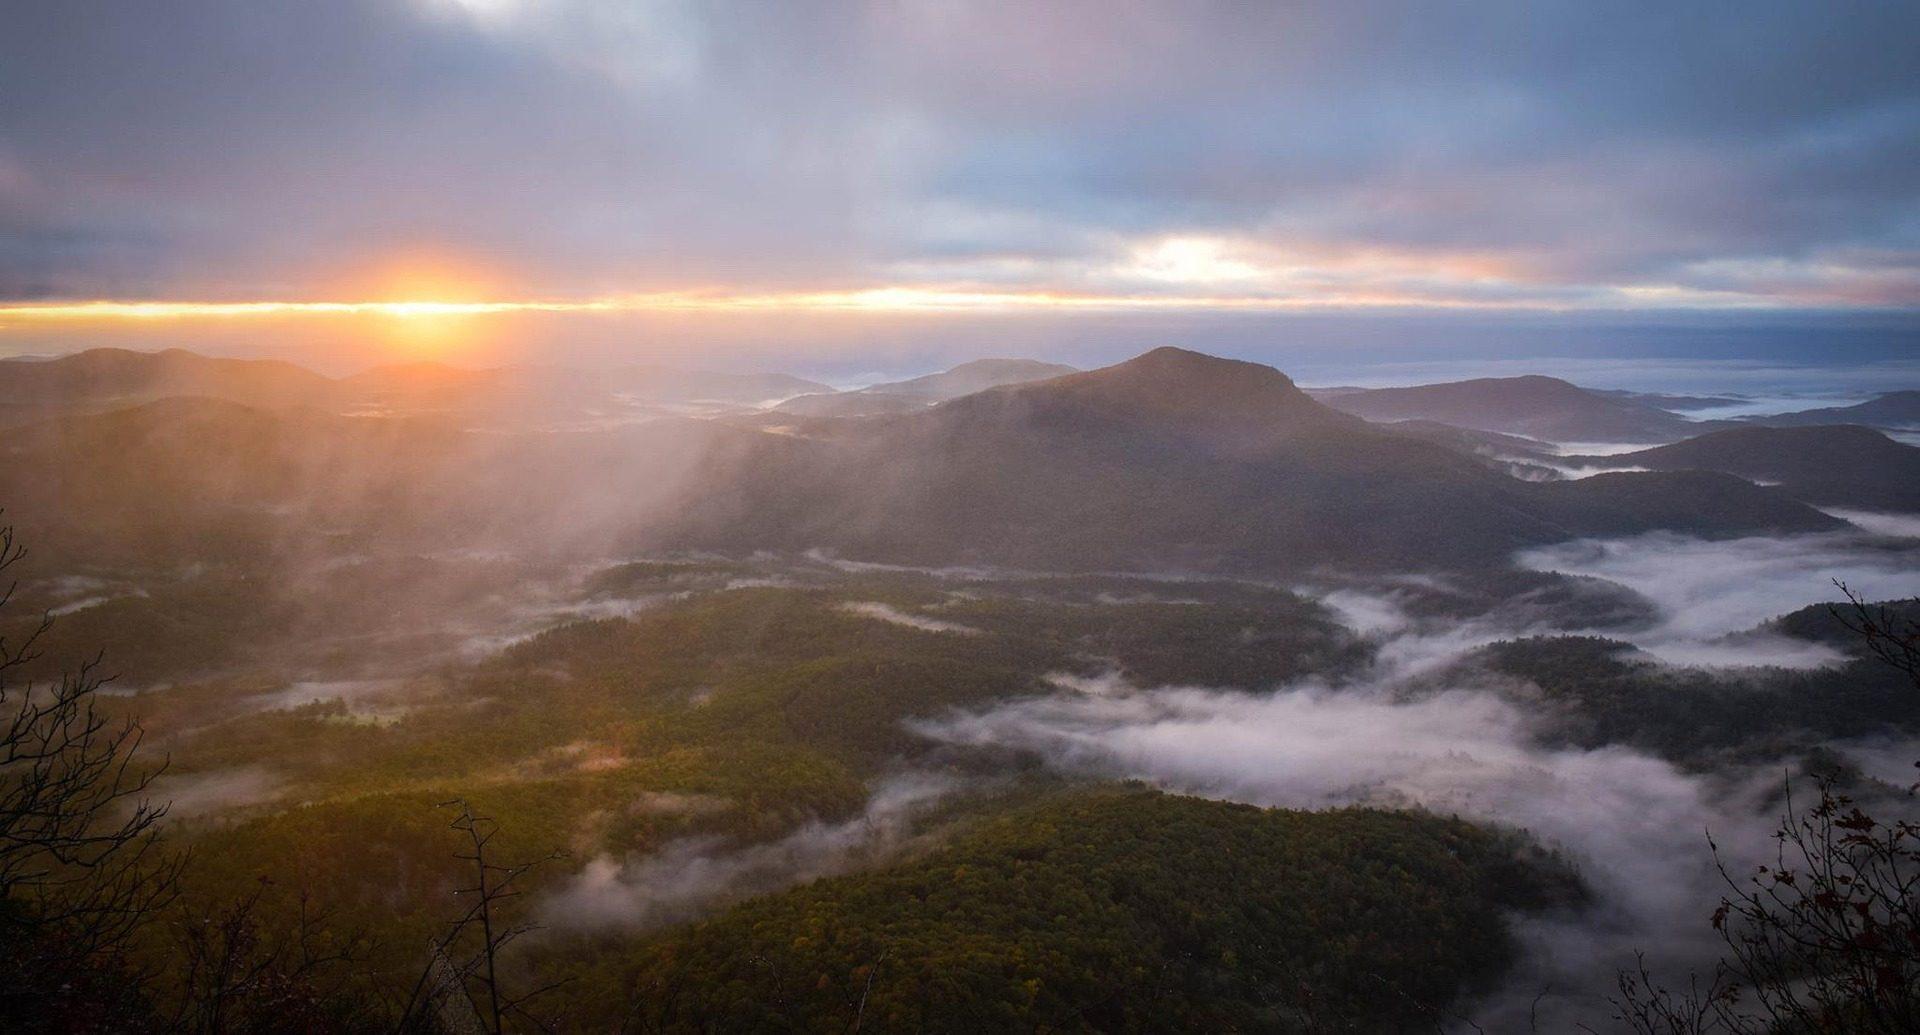 montagne, nuvole, altezze, orizzonte, Sole - Sfondi HD - Professor-falken.com